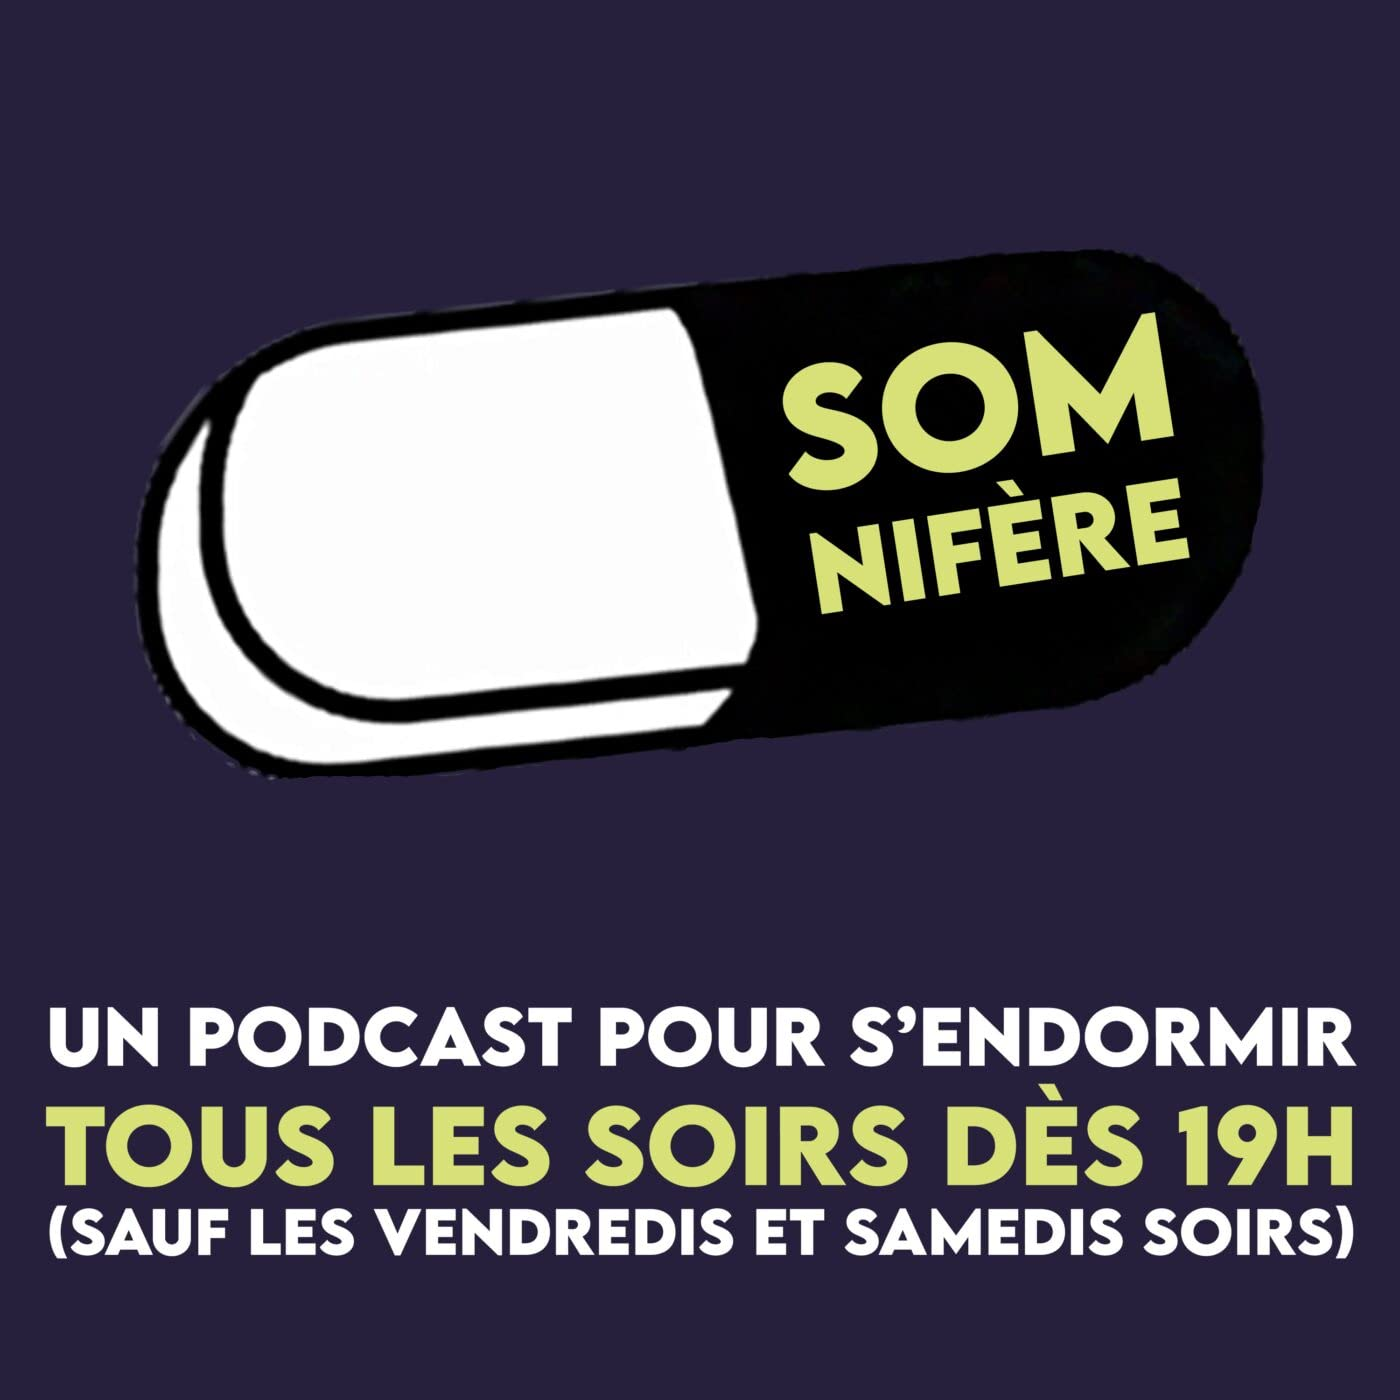 Somnifère, le podcast pour s'endormir